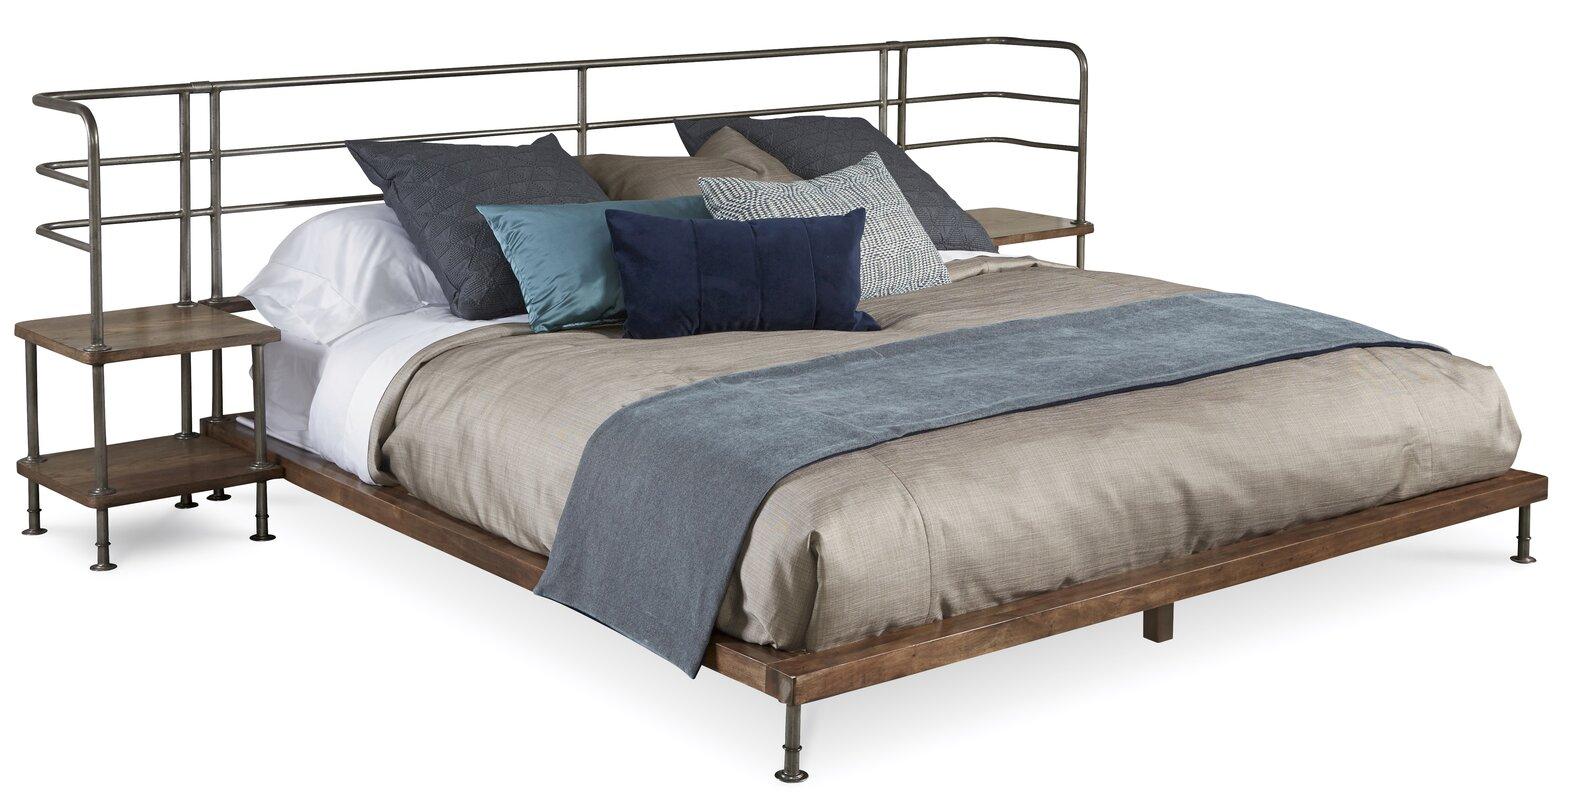 Wayfair Queen Bed Platform Wayfair Canada Queen Bed Frame: Brayden Studio Grogg Platform Bed & Reviews